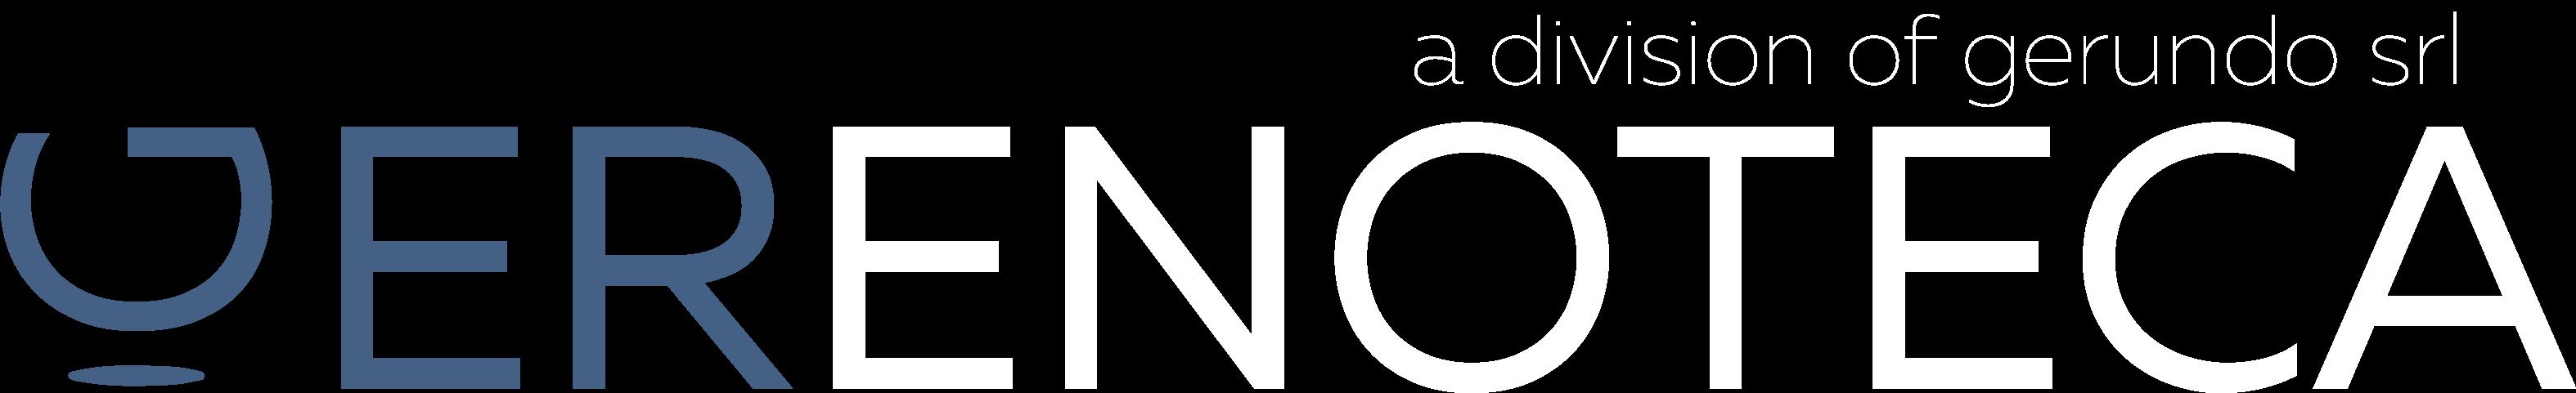 Gerenoteca